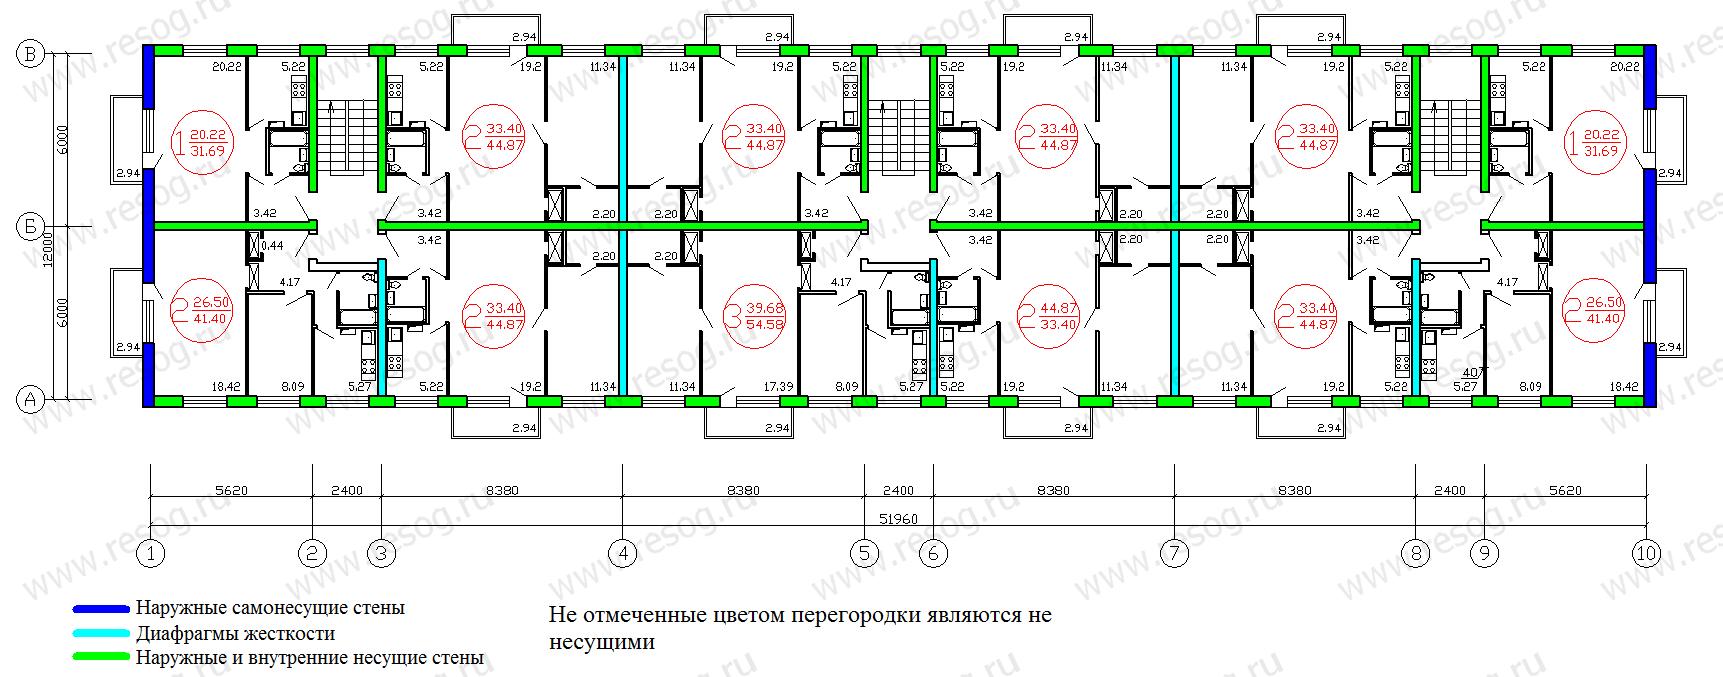 Размер балкона в домах 1 510. - остекление лоджий - каталог .